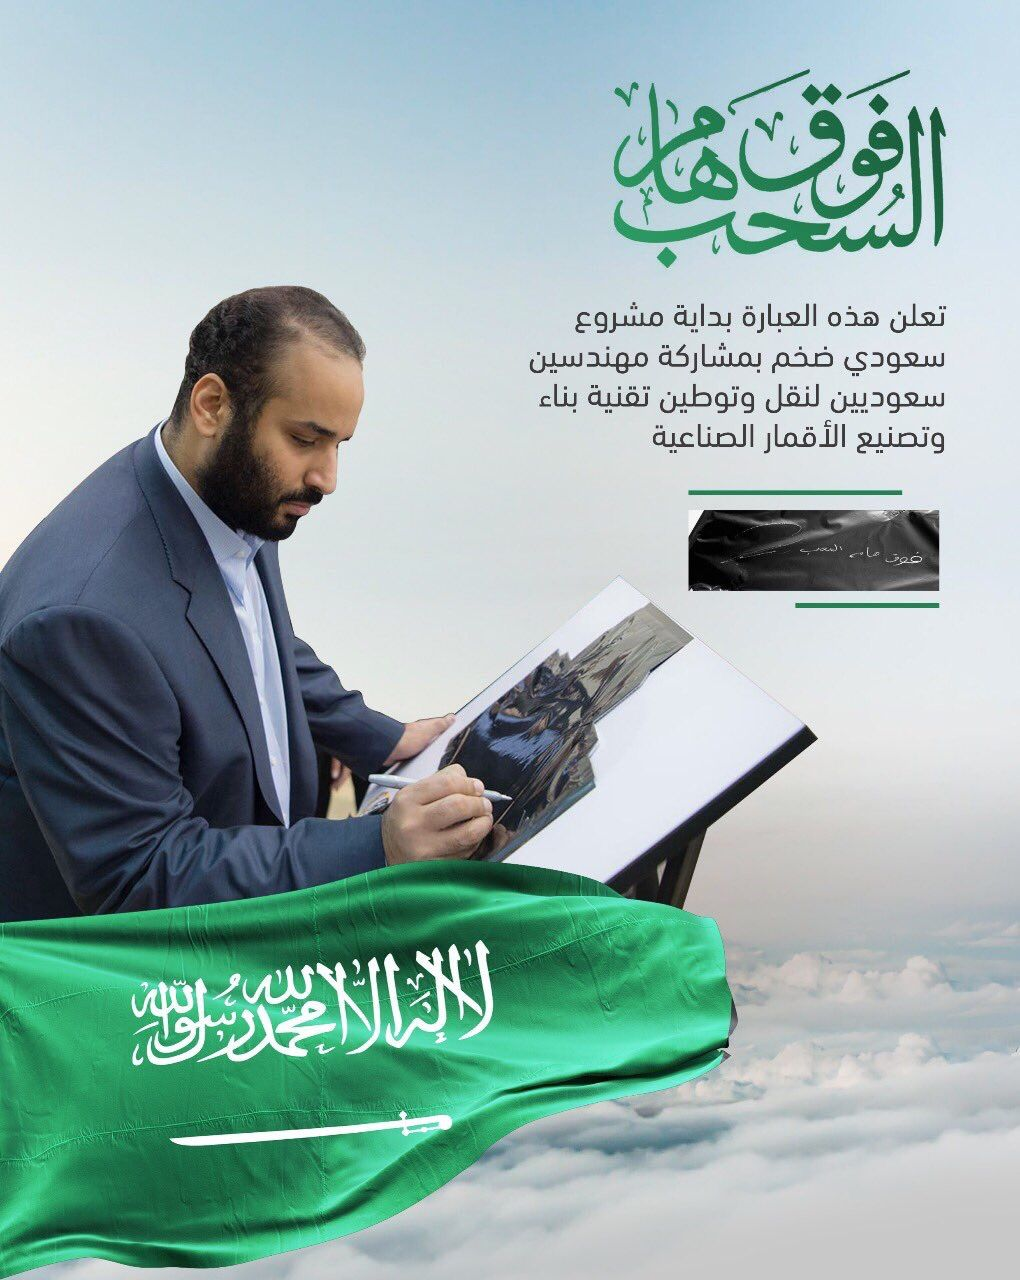 فوق هام السحب دو نها ولي العهد من لوكهيد مارتن لتحلق في الفضاء مع القمر السعودي National Day Saudi Saudi Flag Ksa Saudi Arabia